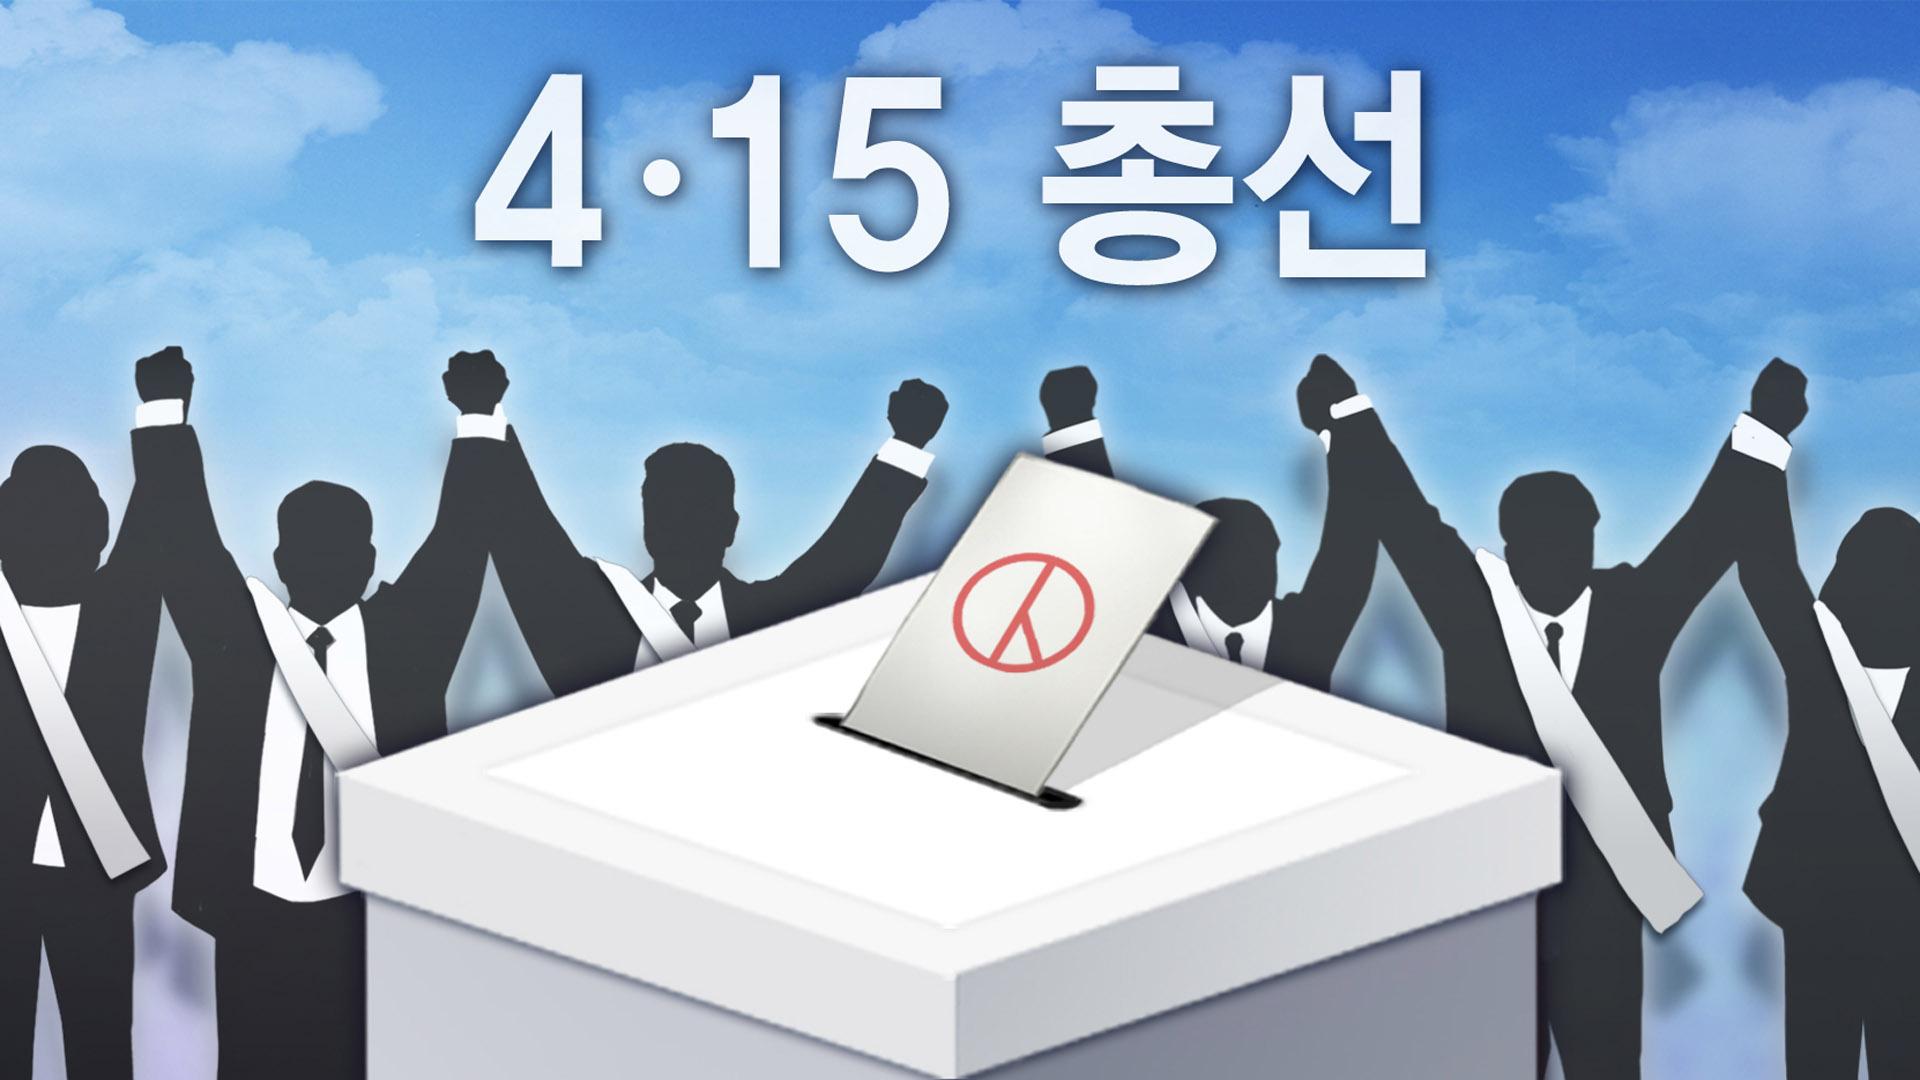 [이미지 제공=연합뉴스, 저작권자로부터 이미지 사용 허락을 받음]